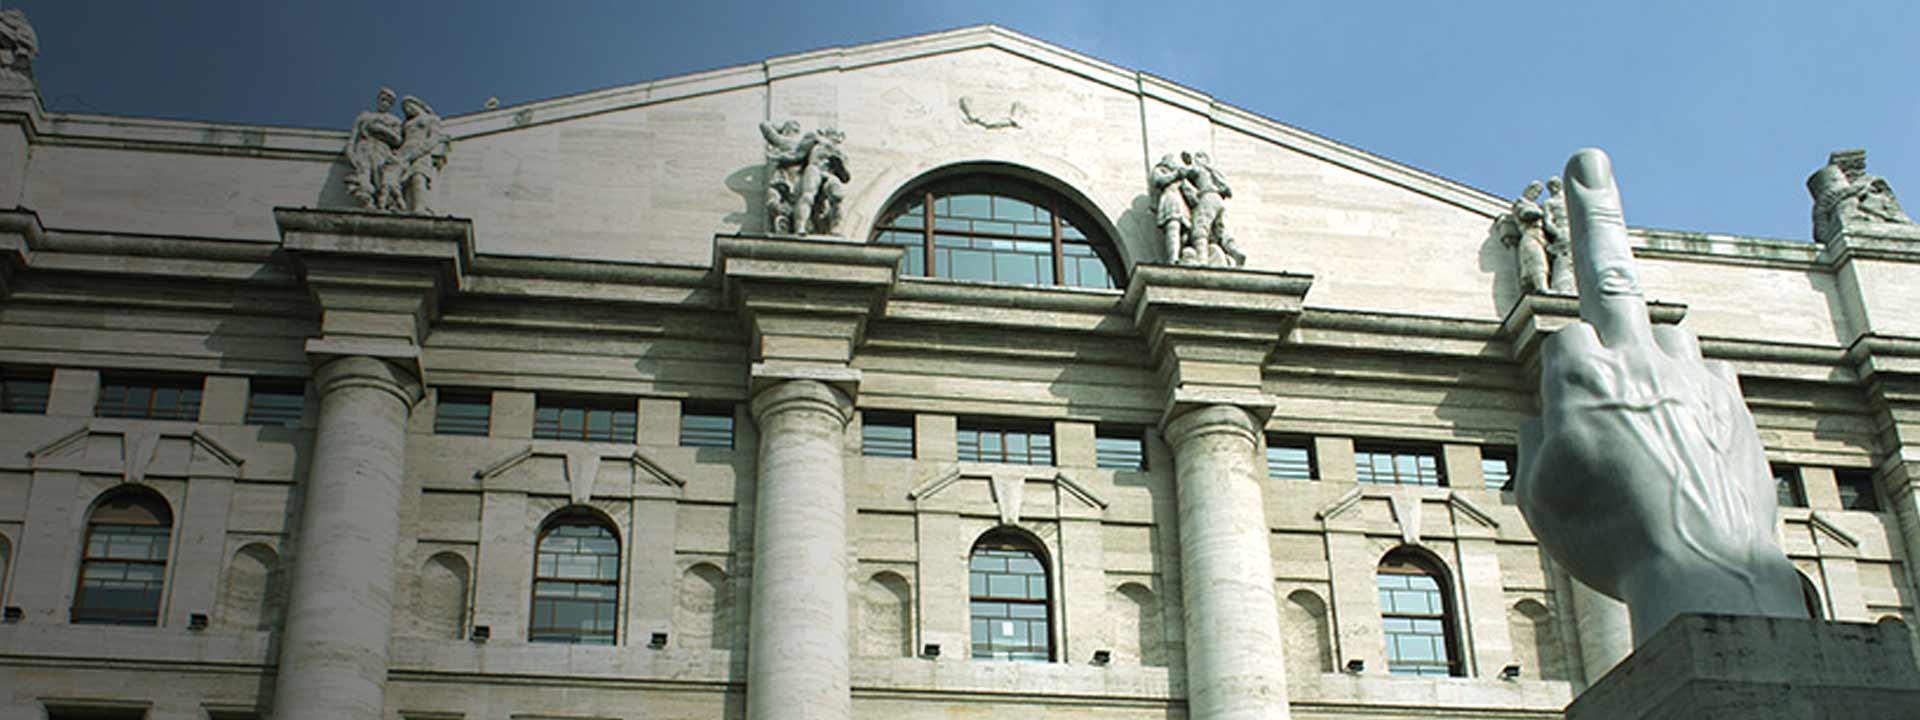 Borse, Milano torna a perdere: 13 miliardi bruciati